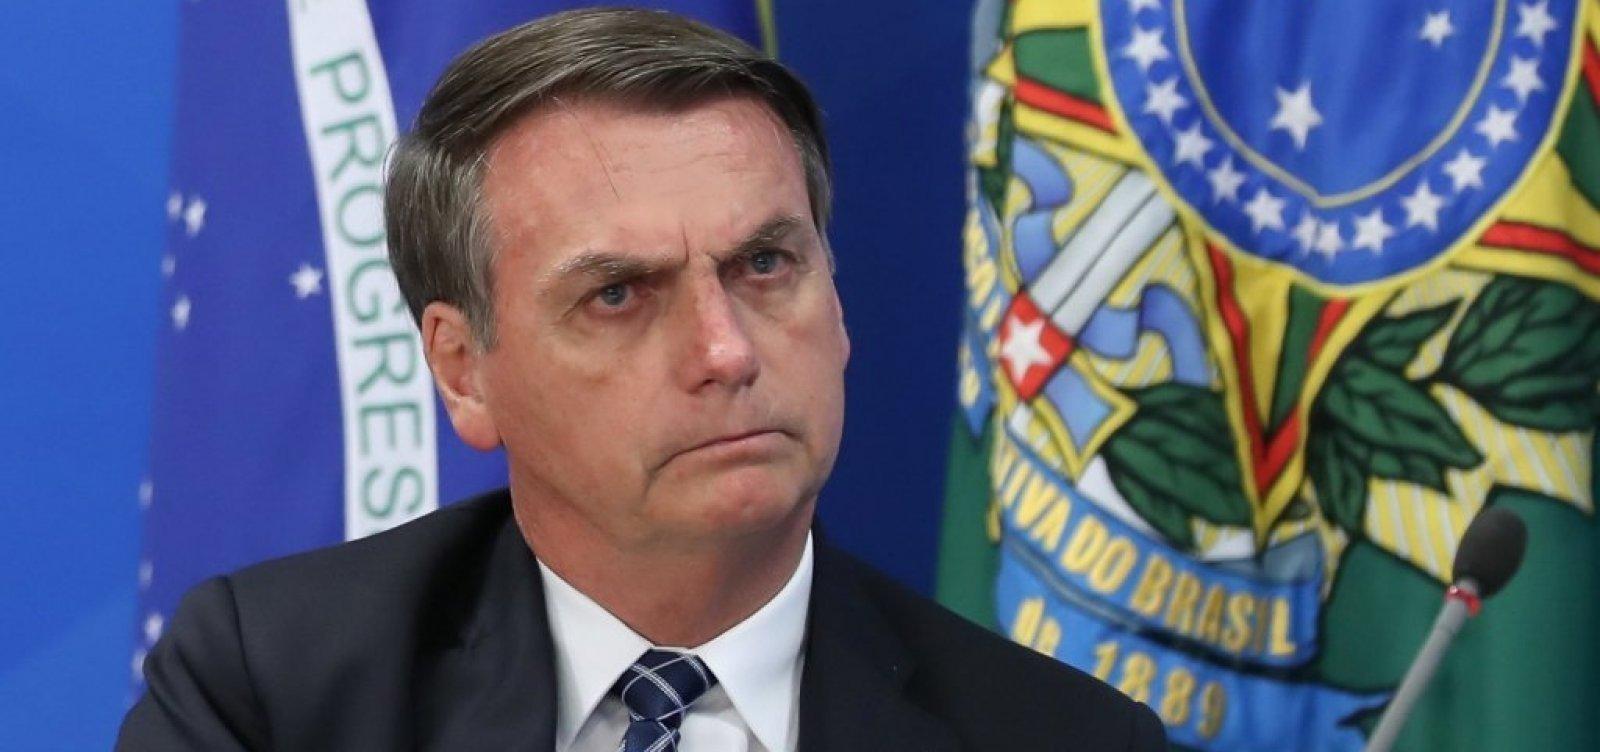 Contrariando Anvisa e ciência, Bolsonaro diz que vacina 'não está comprovada cientificamente'